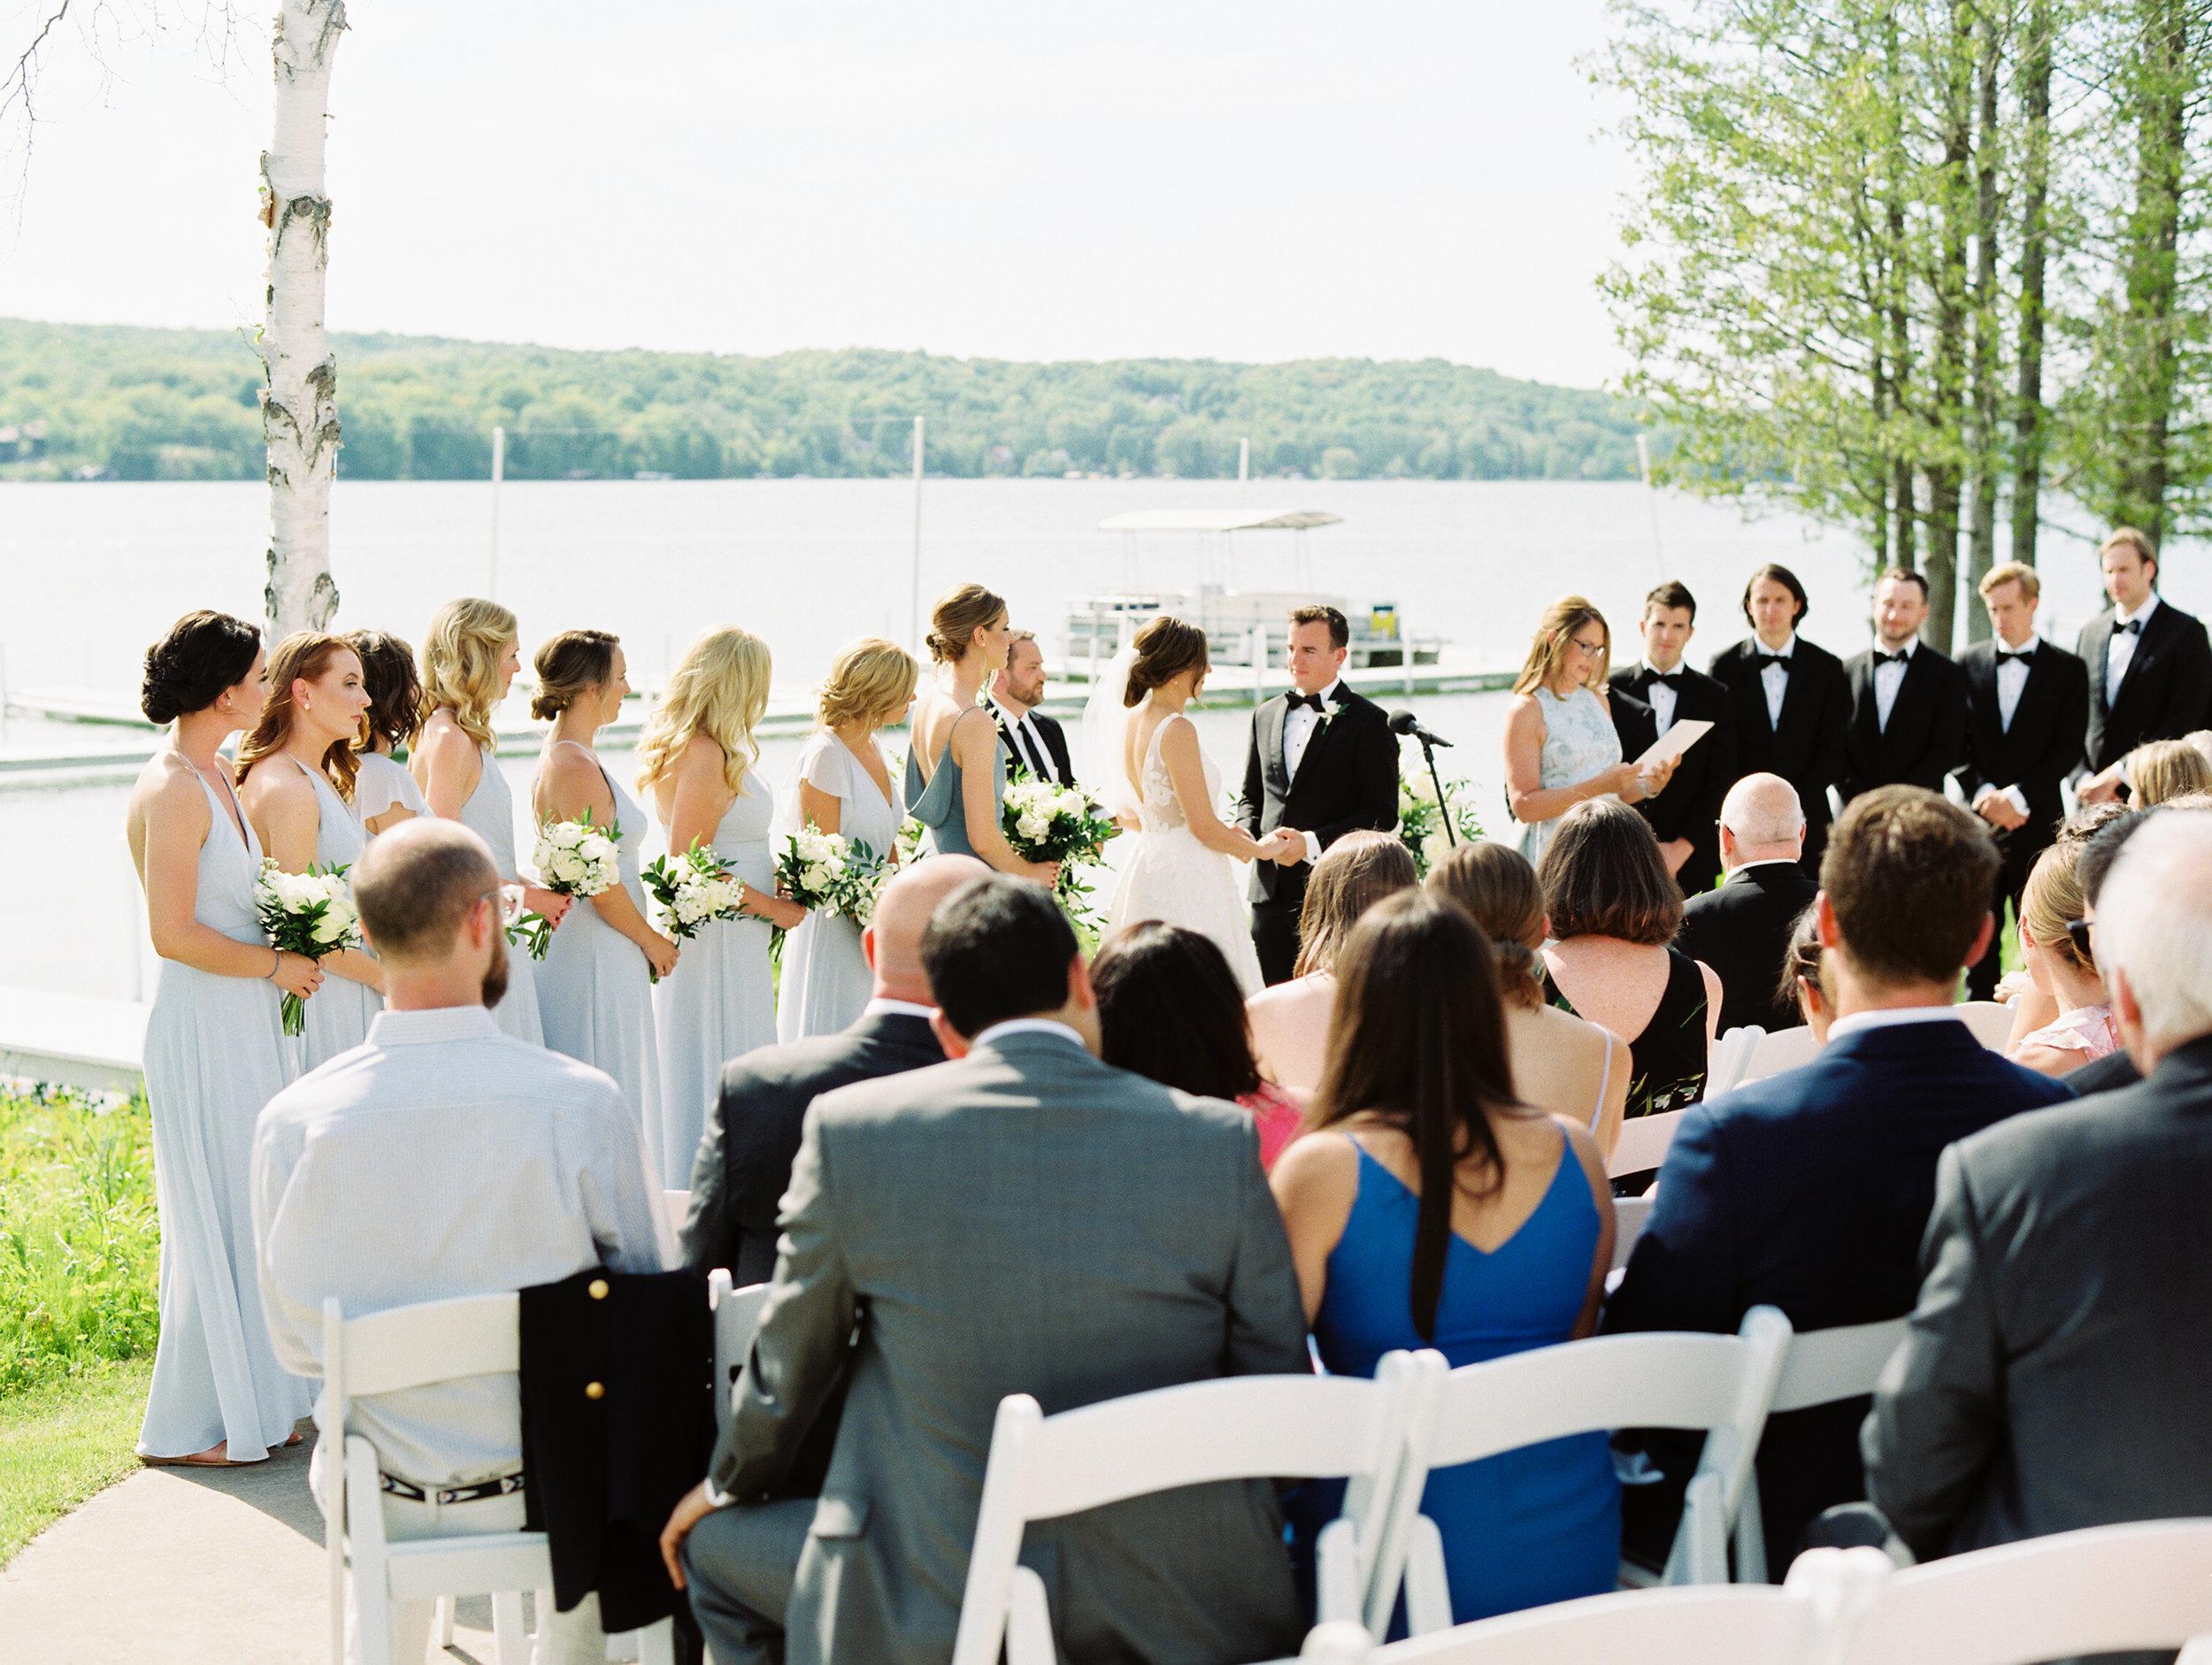 DeGuilio+Wedding+Ceremonyf-8.jpg